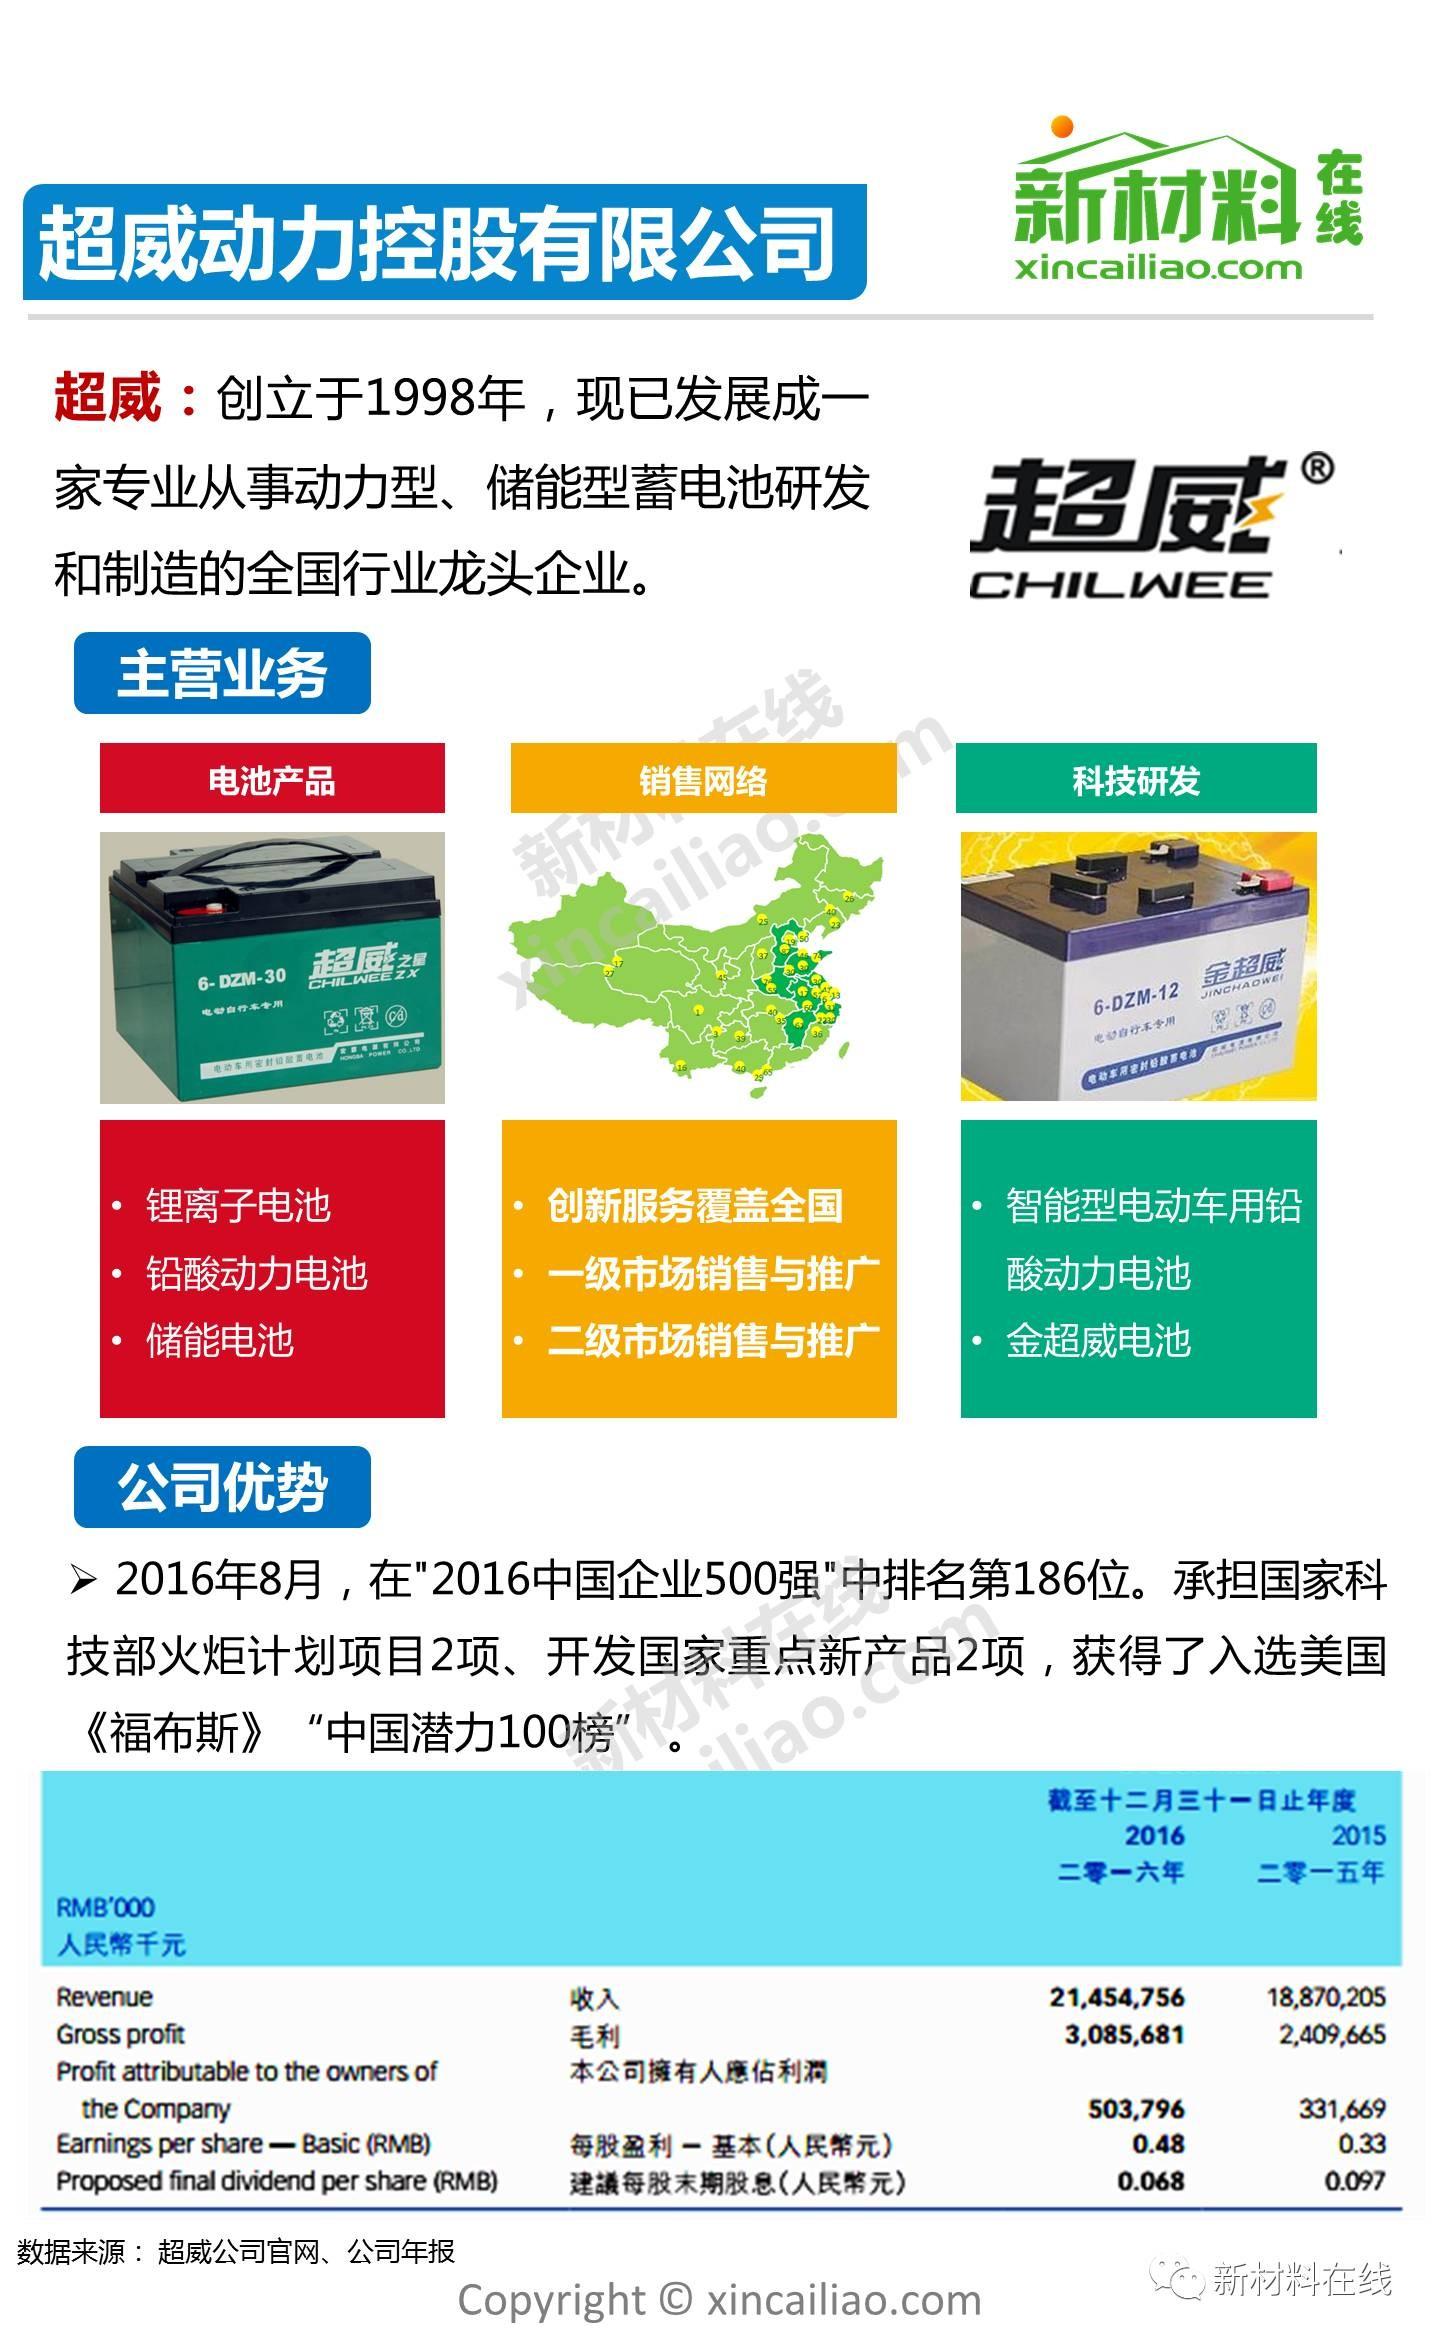 图解:国内的知名锂电池企业